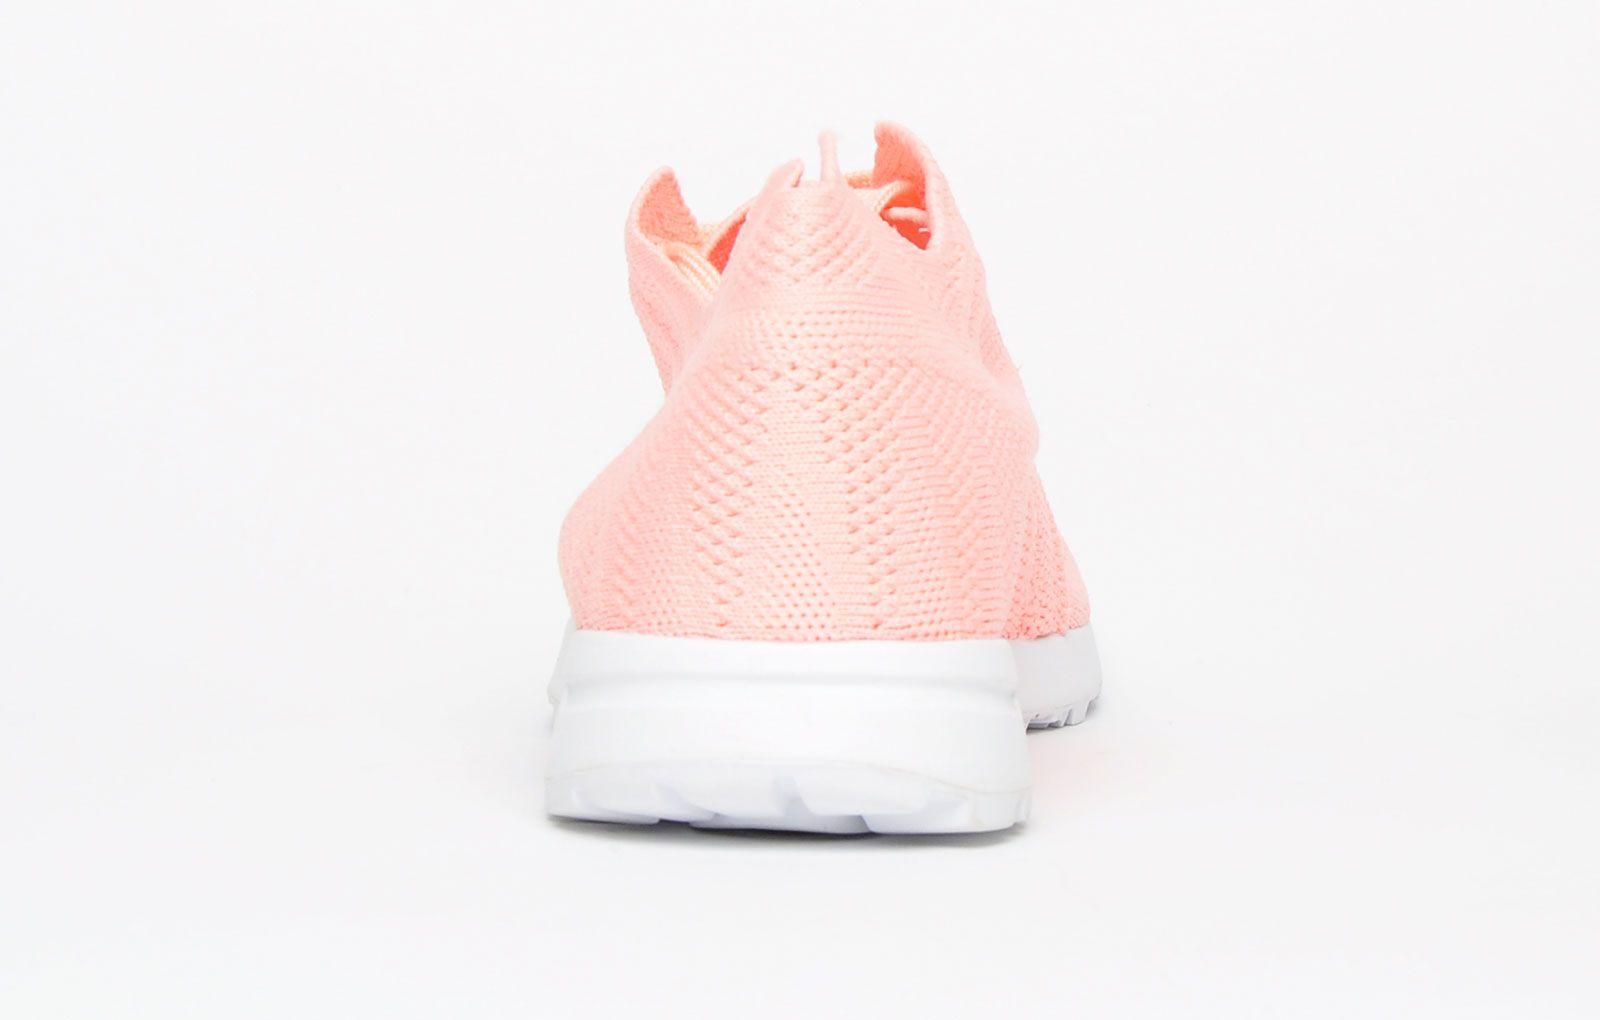 Adidas Originals EQT Racing 91/16 Primeknit Womens Girls